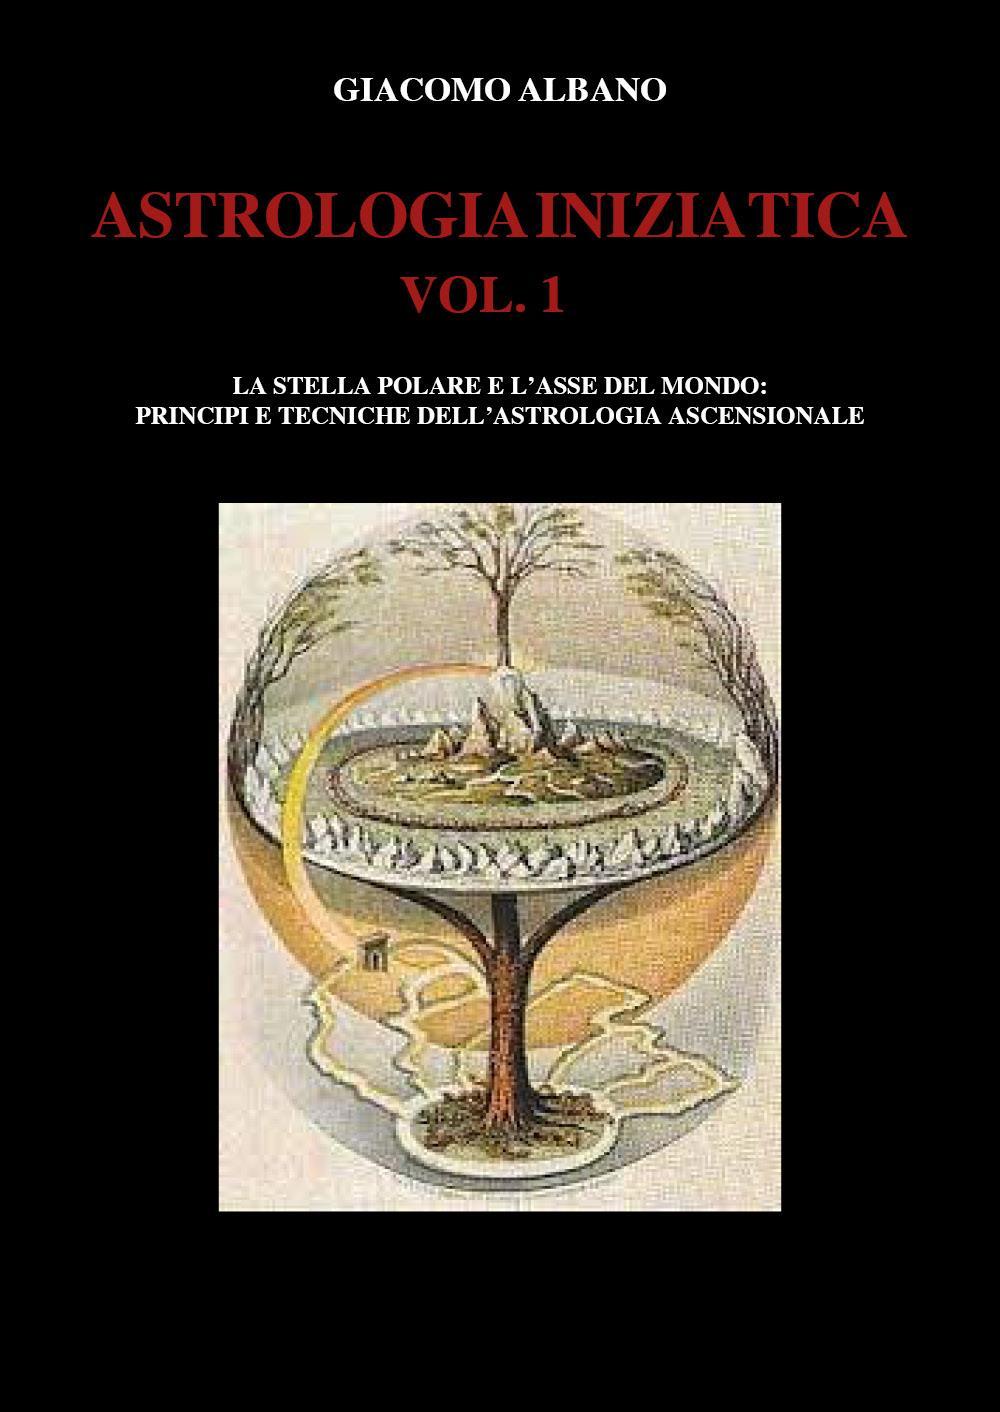 ASTROLOGIA INIZIATICA  VOL.1 - La stella polare e l'asse del mondo: principi e tecniche dell'astrologia ascensionale